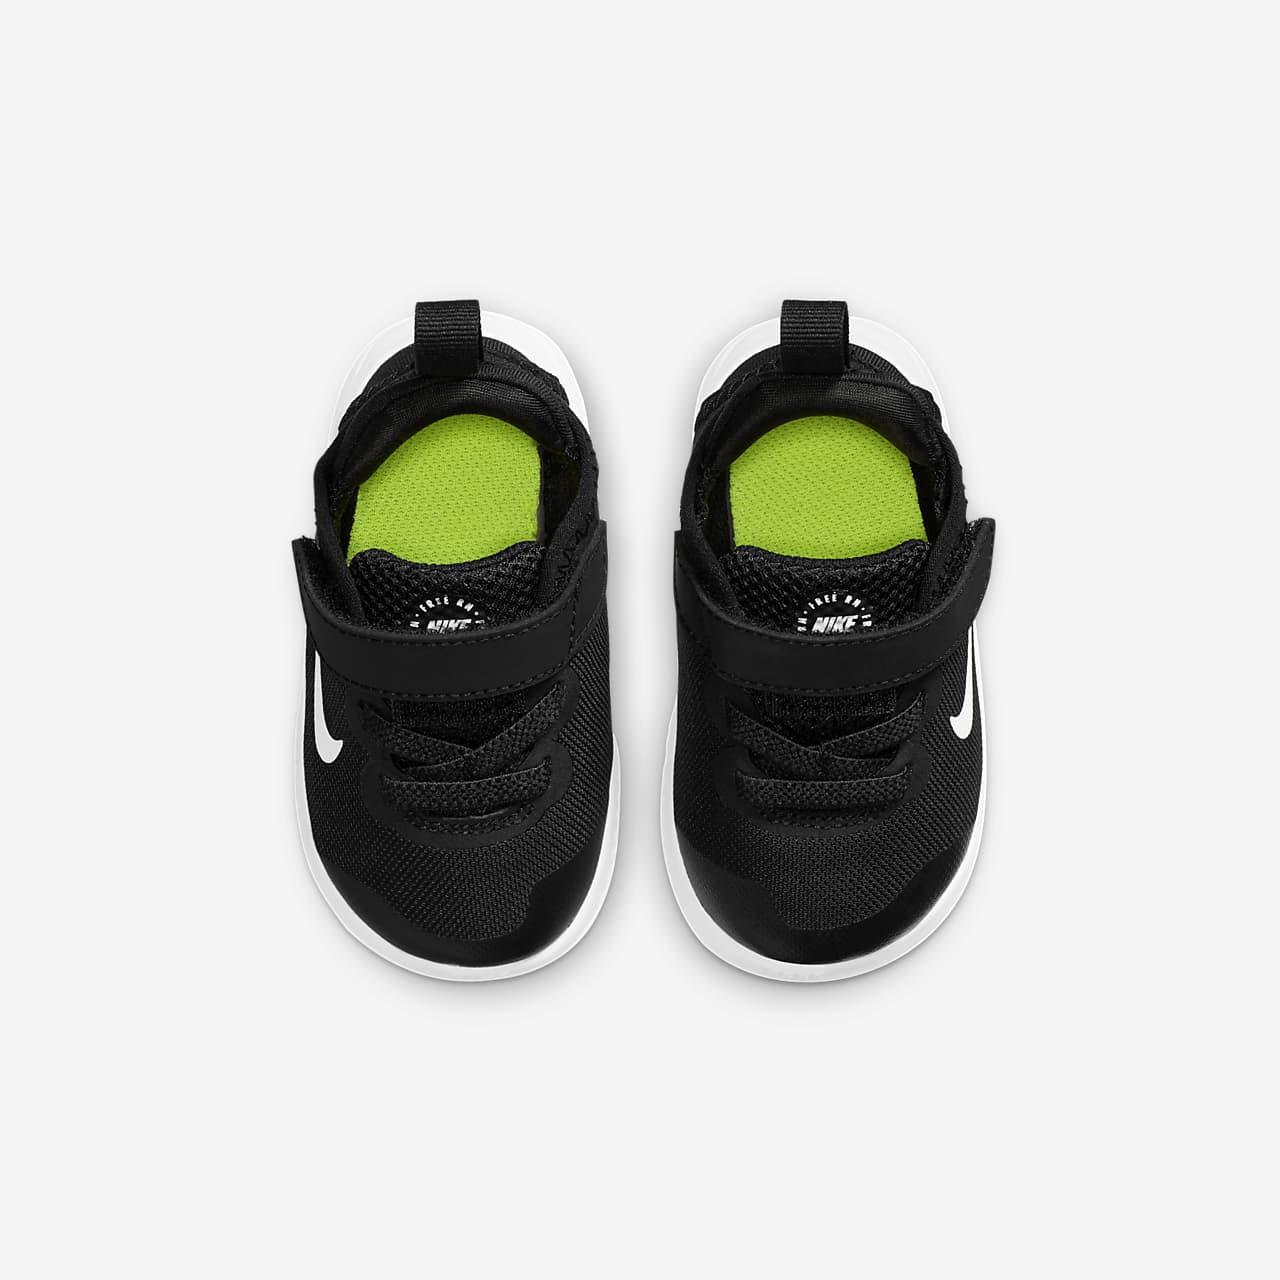 Rn Und Für 4c5als3rqj Babys Kleinkinderat 2018 Free Nike Schuh QrthBdCxs